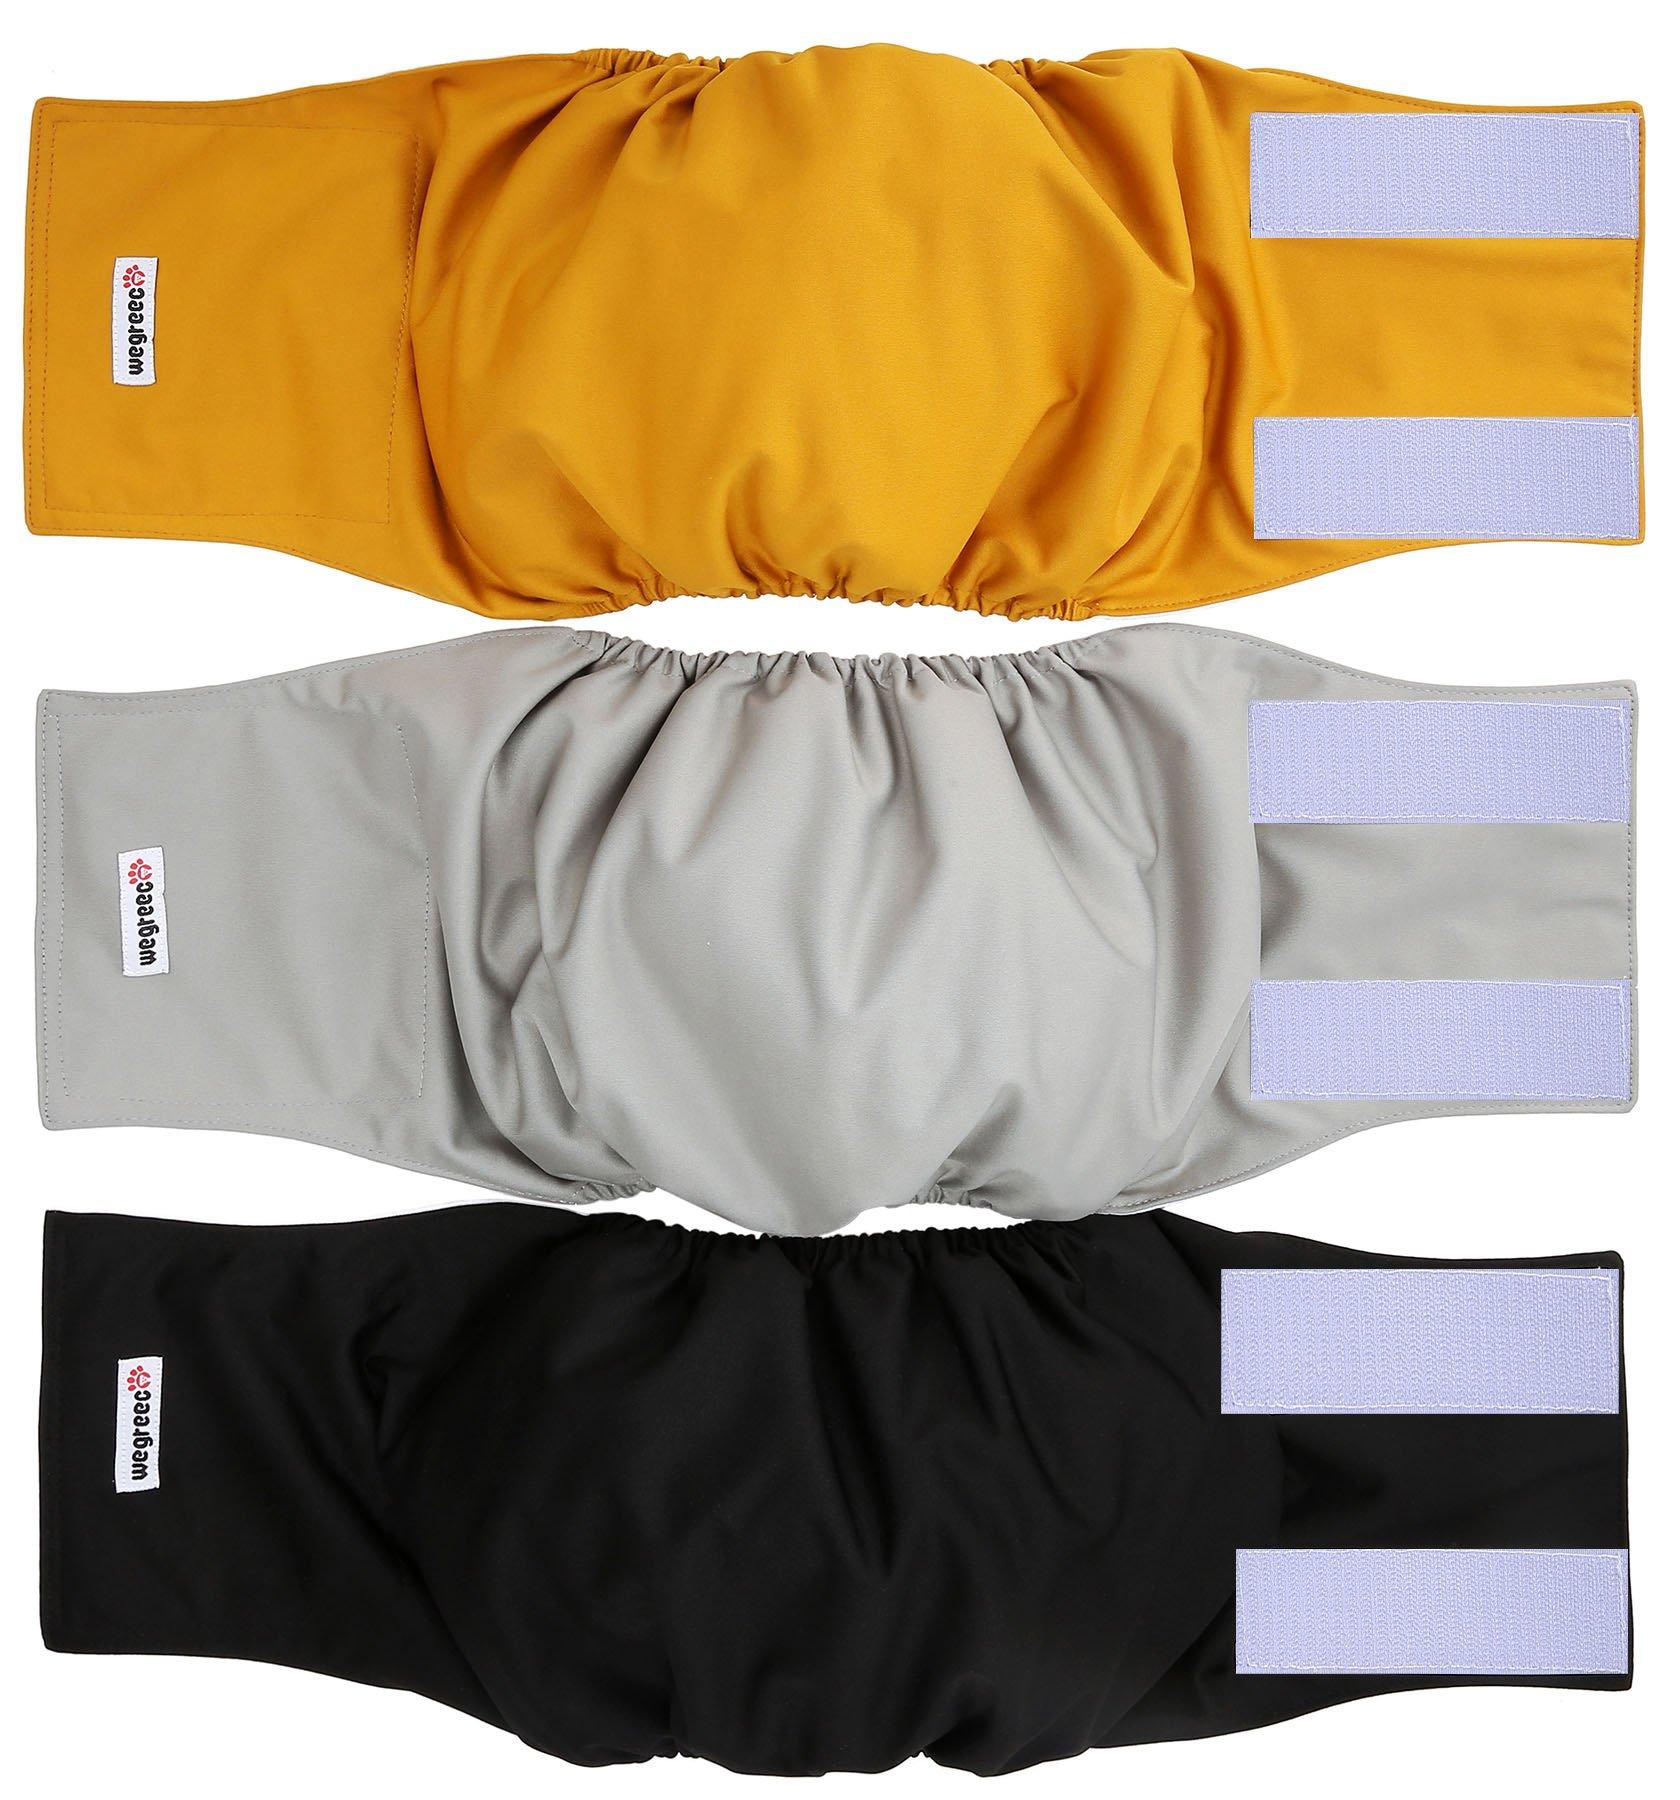 wegreeco Washable Male Dog Belly Wrap – Pack of 3 – (Gold,Black,Grey,Medium)